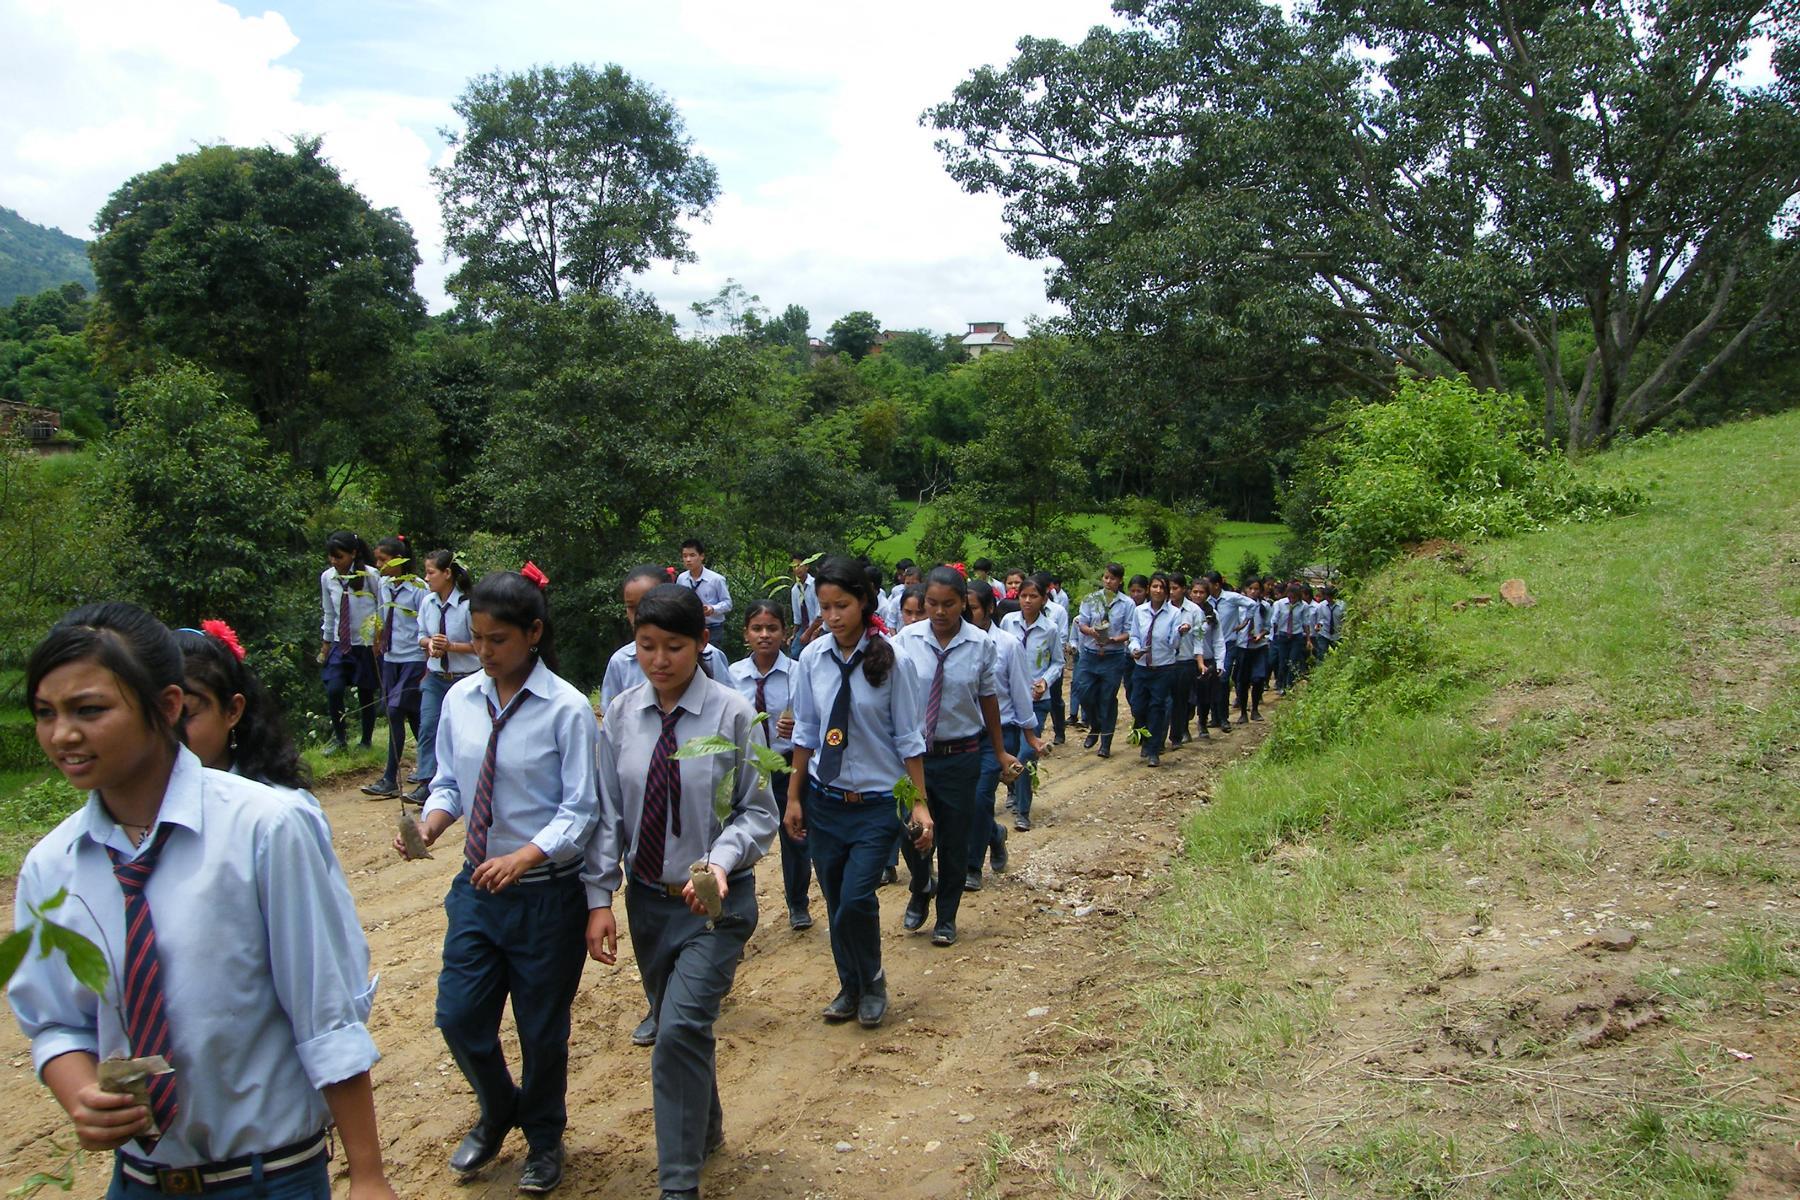 Schulkinder bei der Pflanzung von Rudraksha-Bäumen